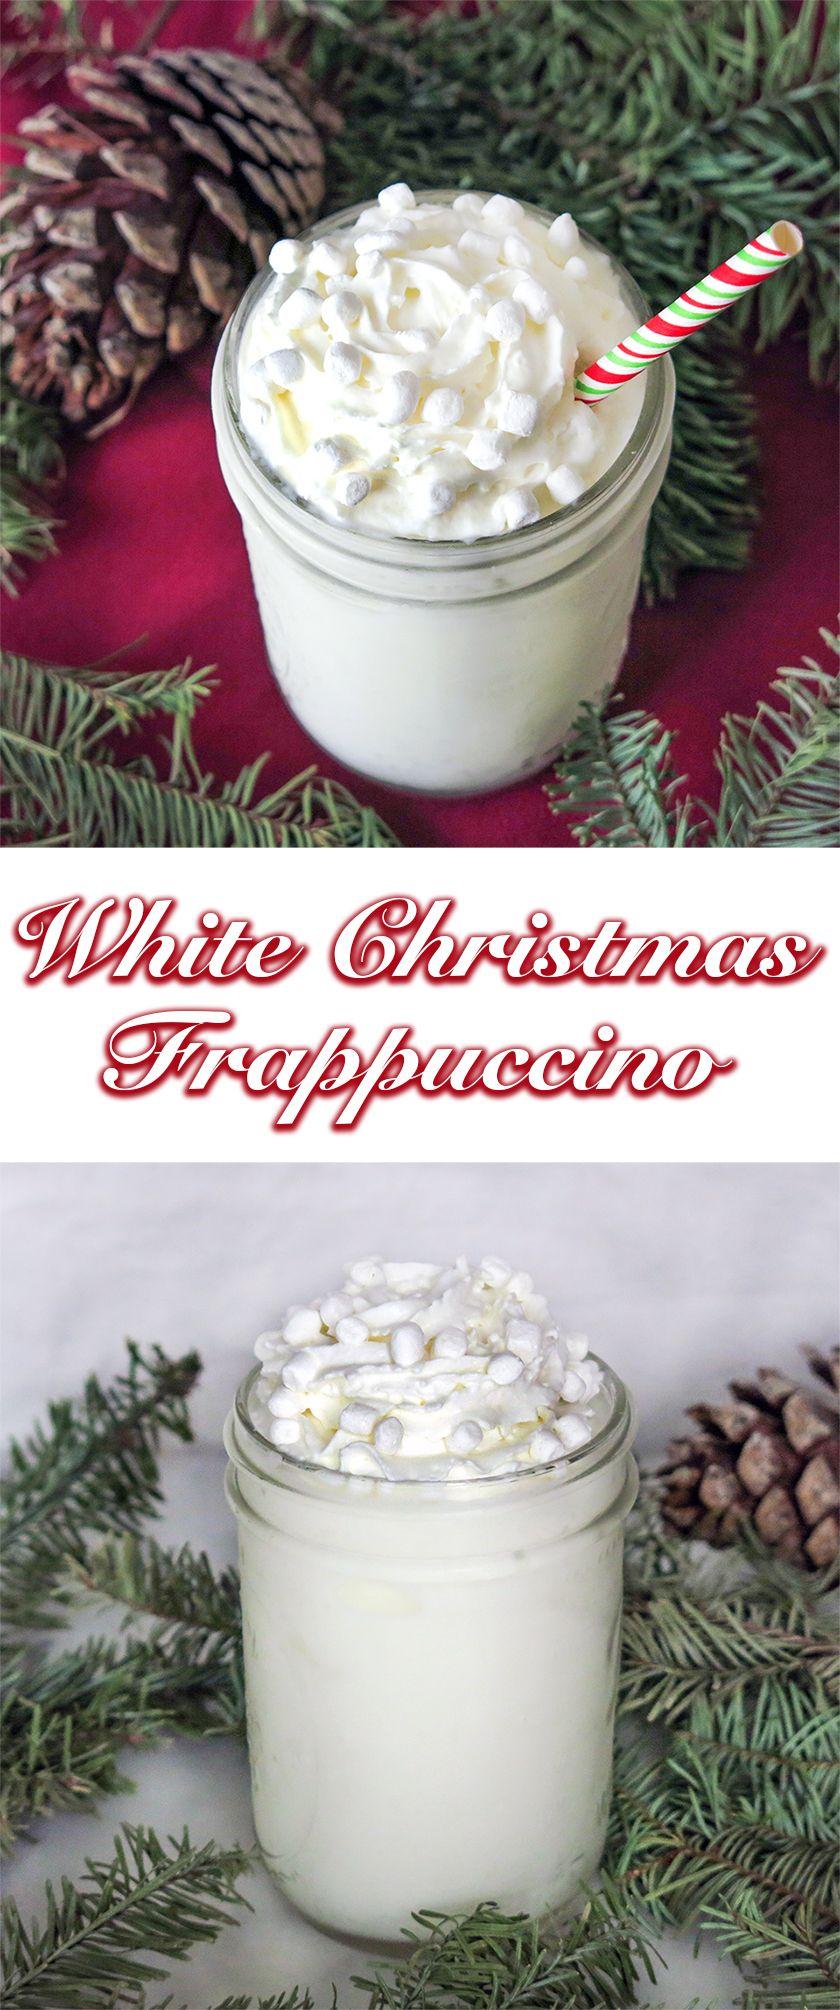 White Christmas Frappuccino Recipe Frappuccino recipe